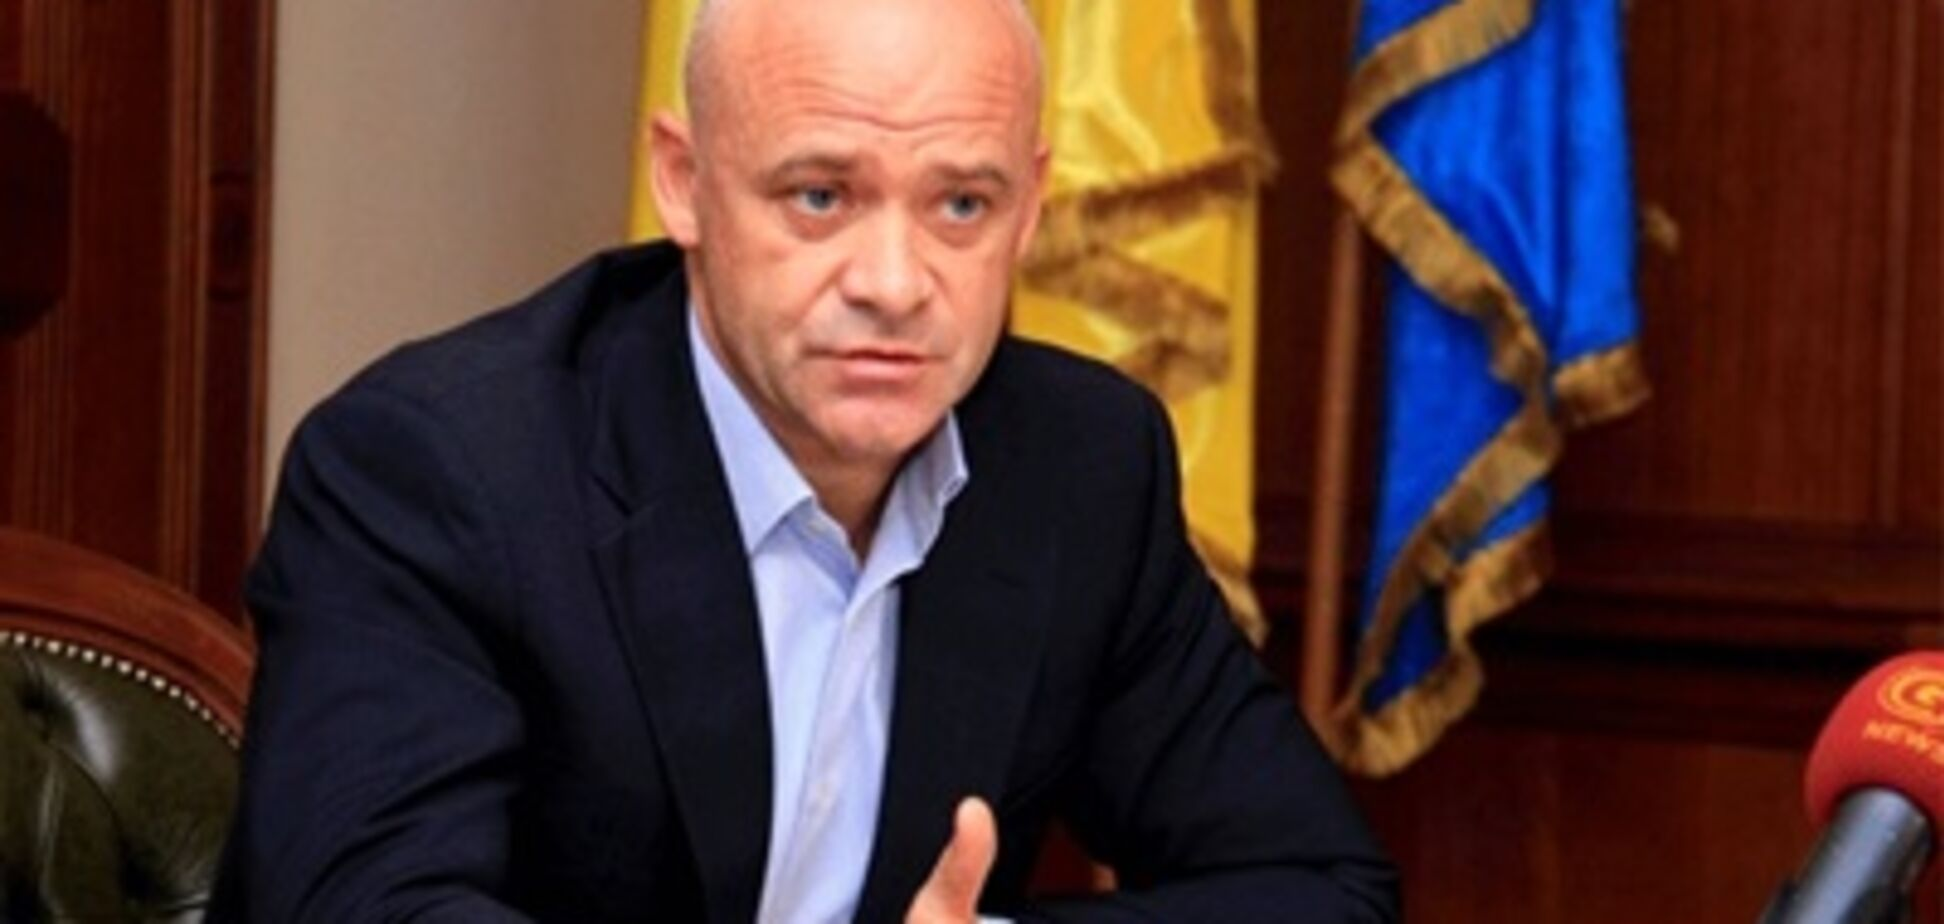 Офшоры по адресам в России: мэр Одессы Труханов стал фигурантом 'райских бумаг'